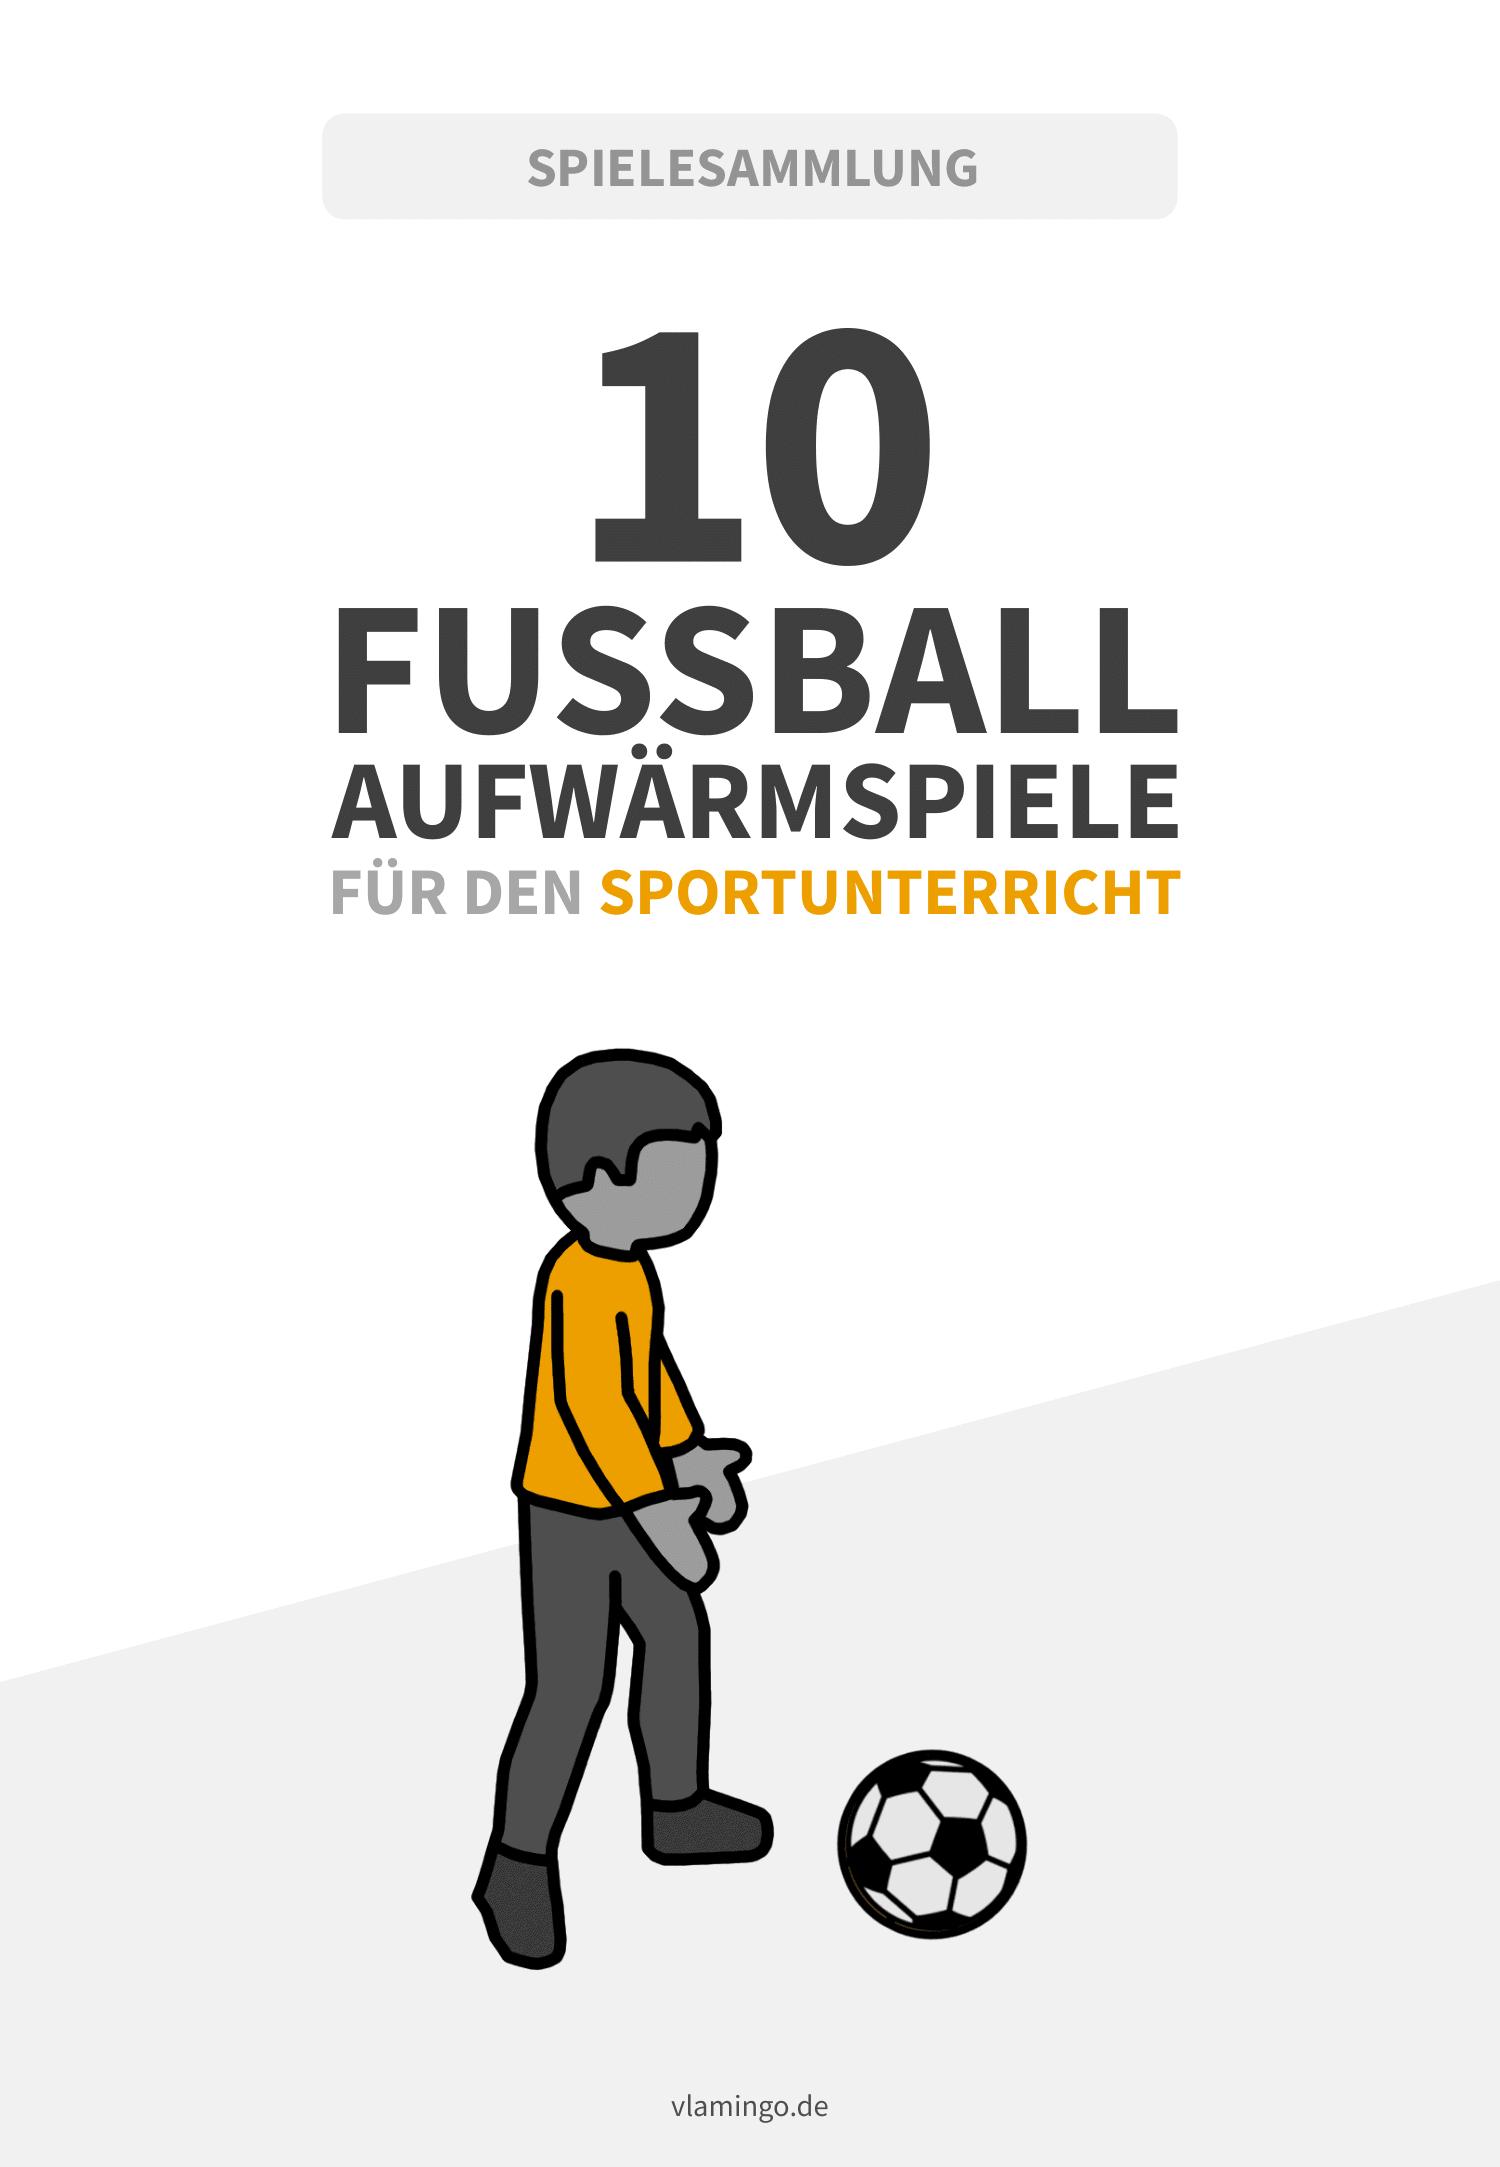 Fußball - Aufwärmspiele